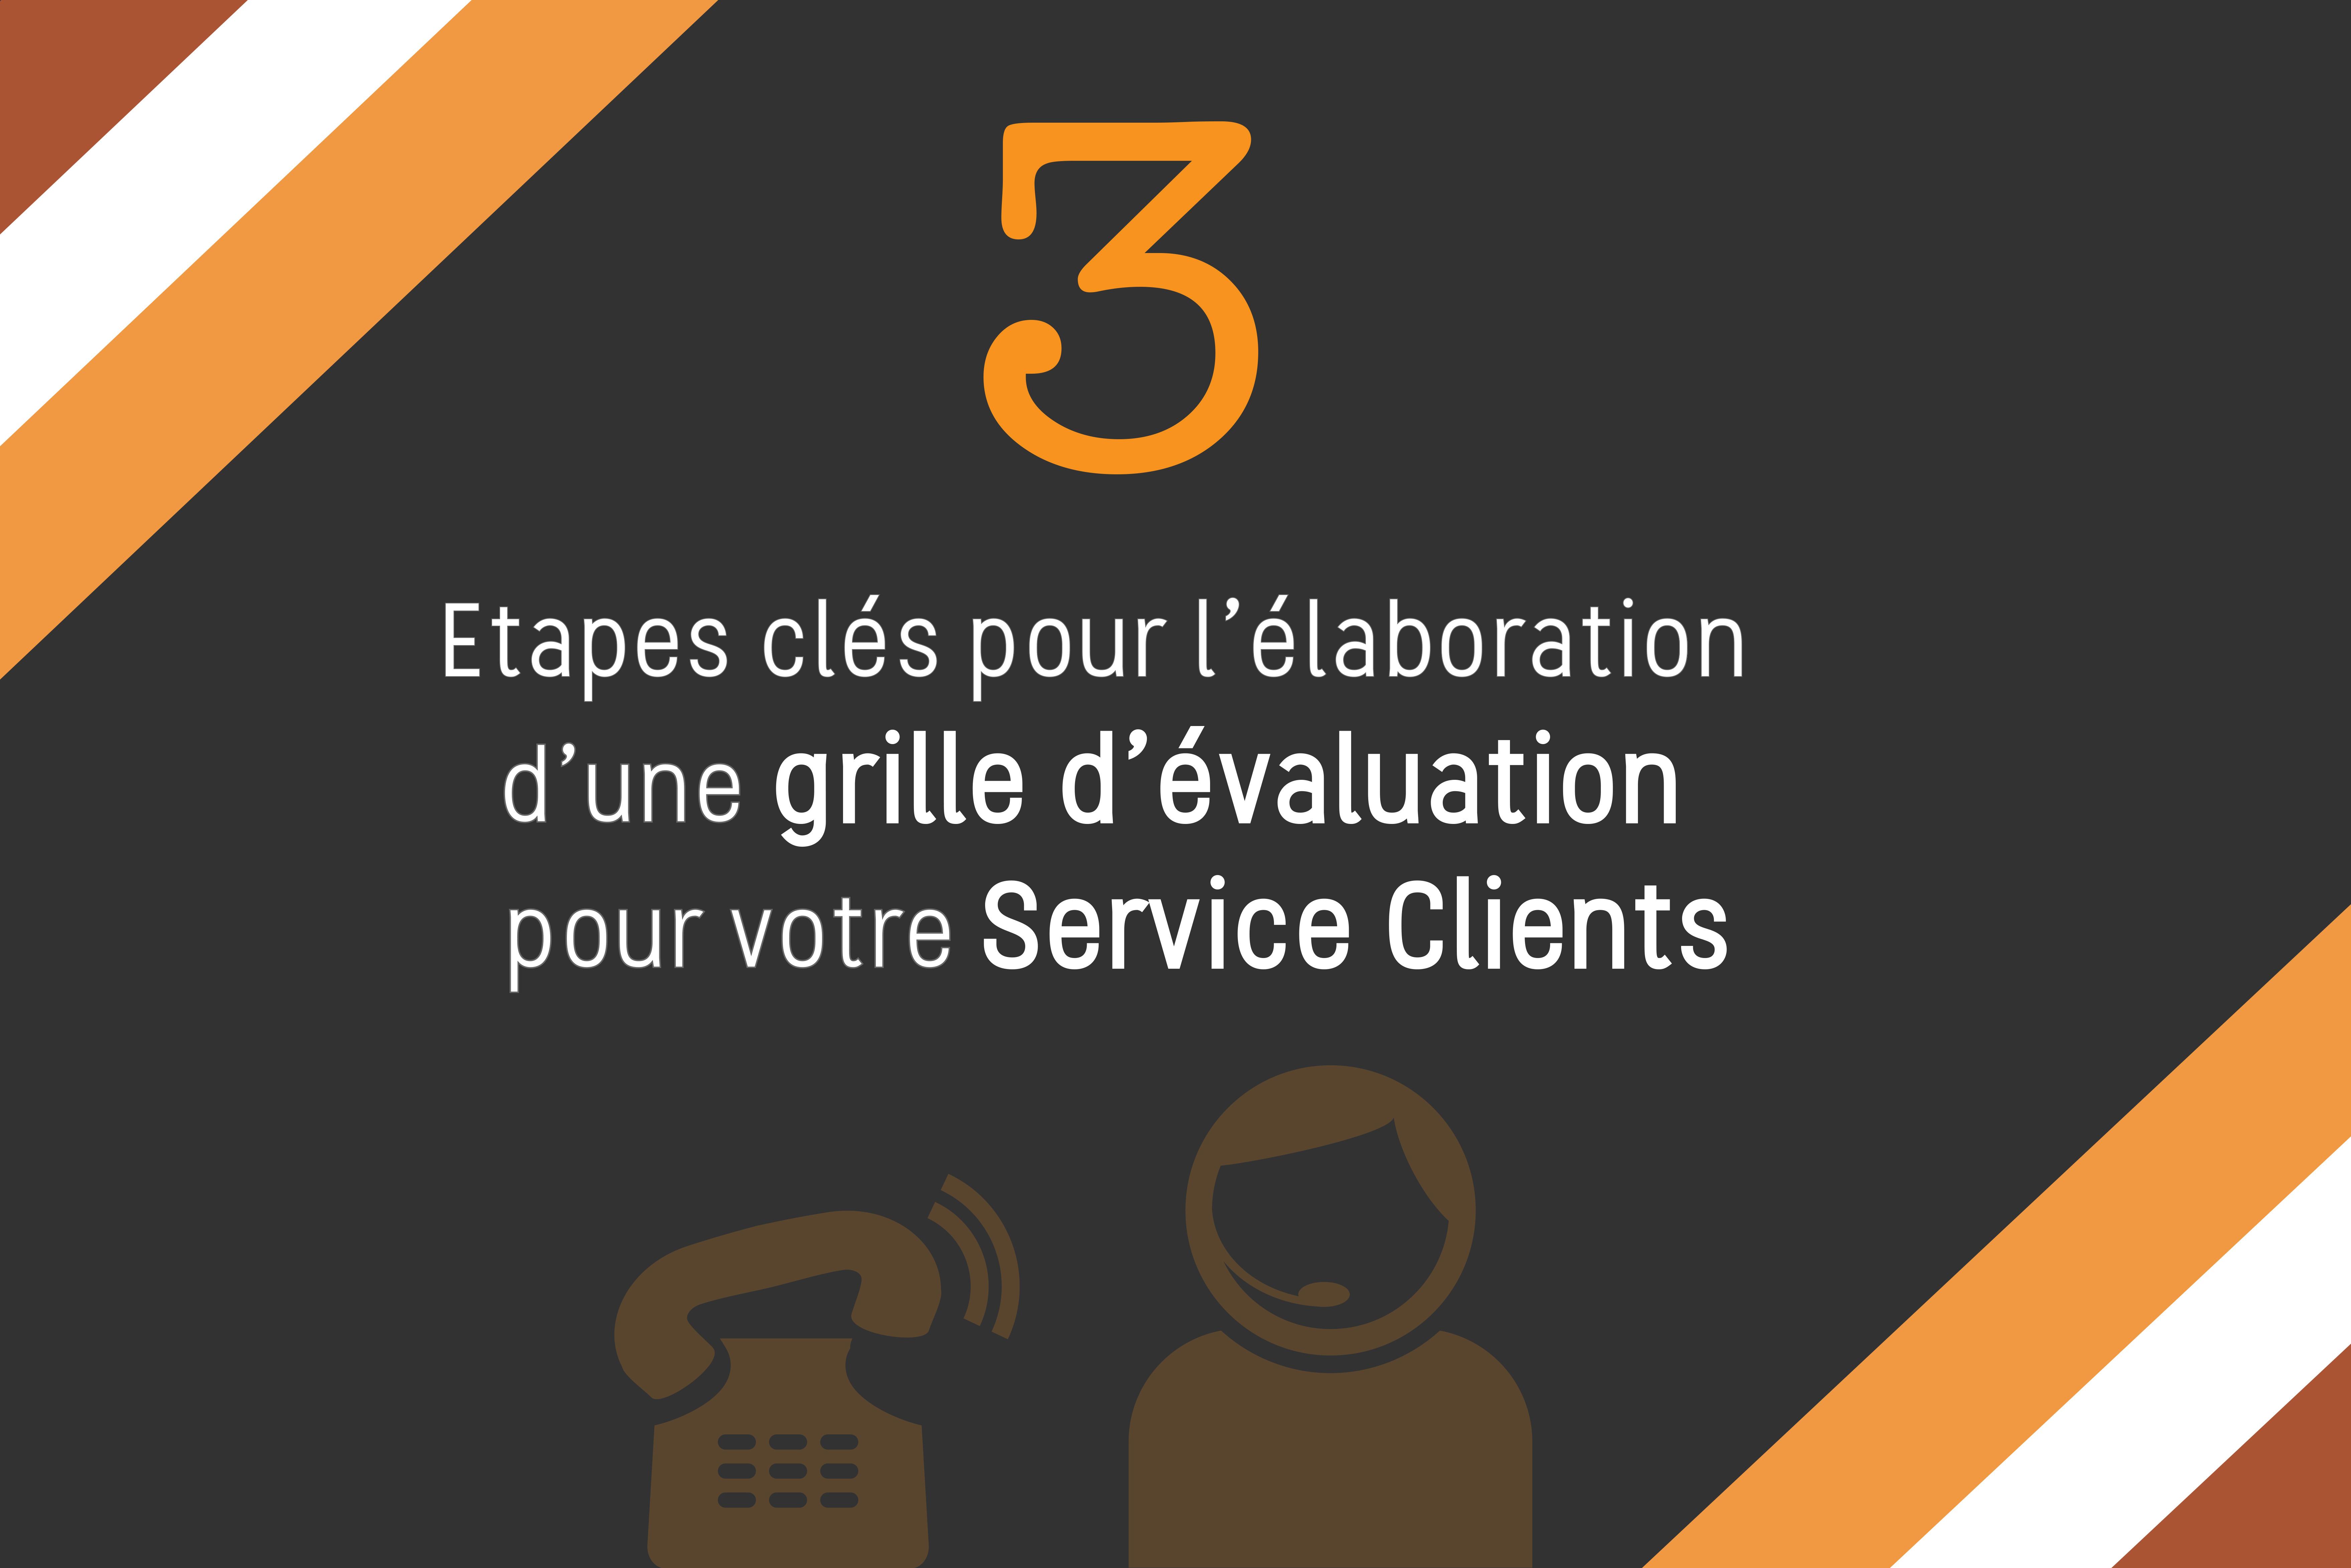 3 étapes pour élaborer une grille d'évaluation d'un Service Clients